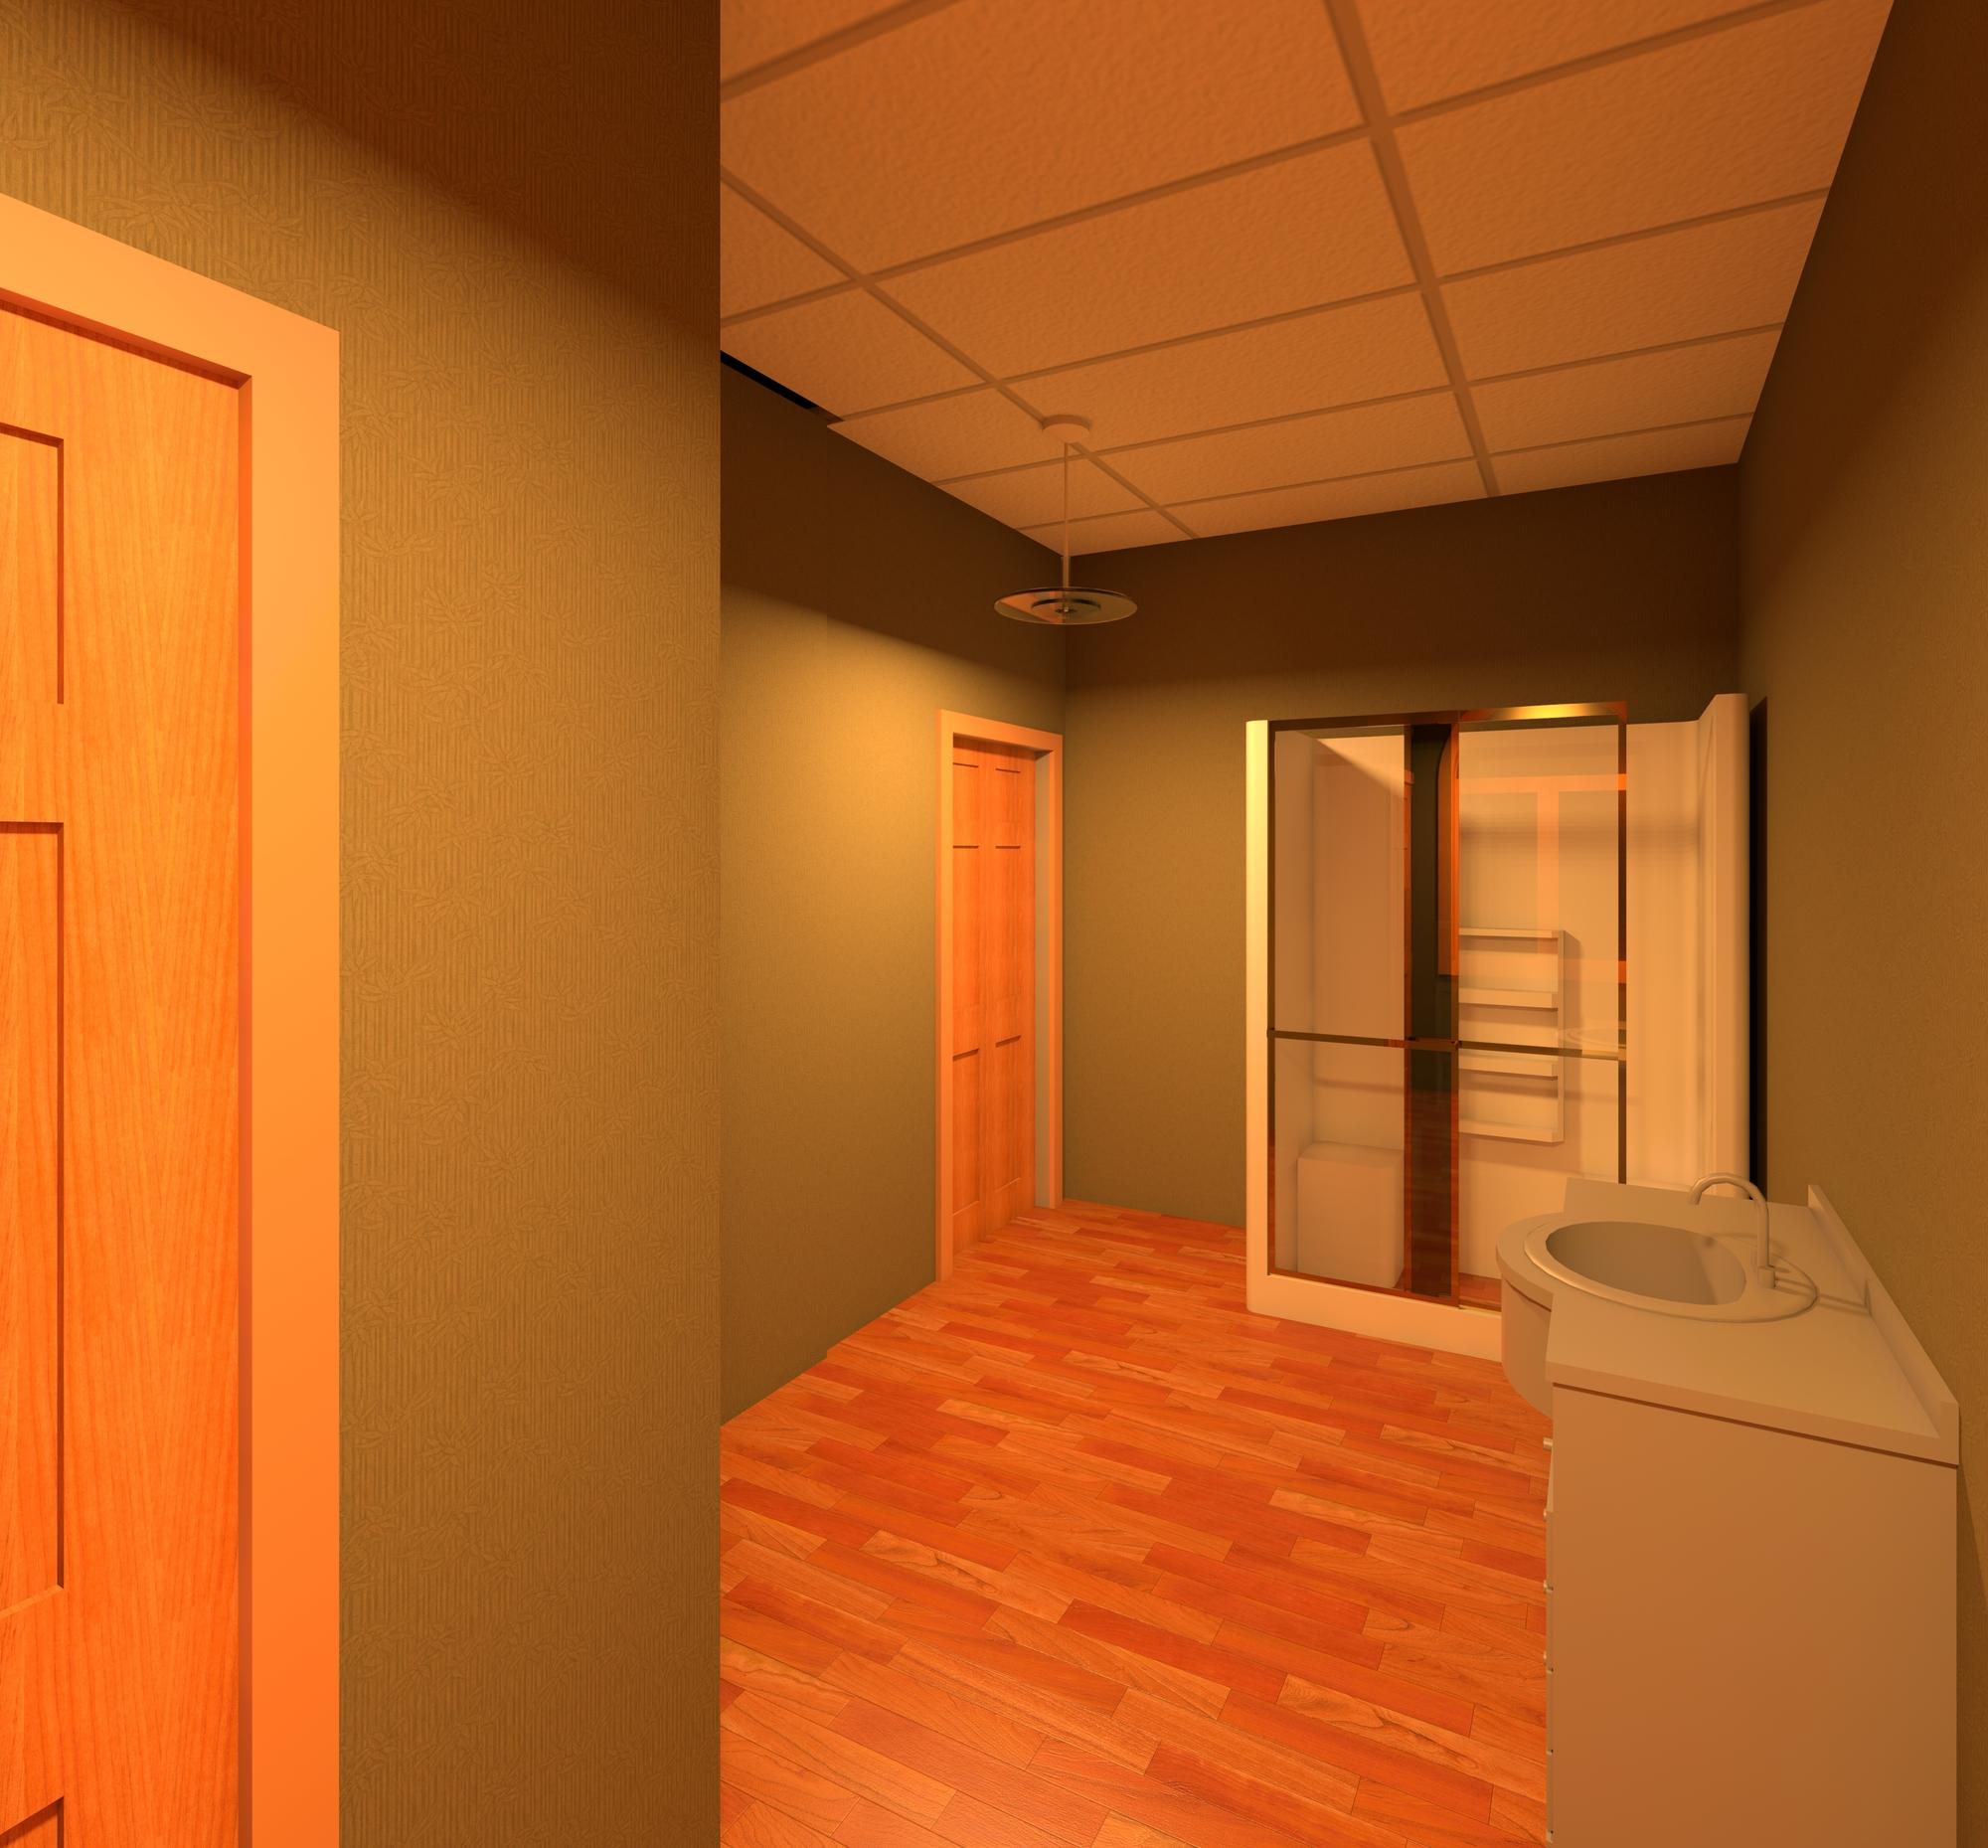 Raas-rendering20140930-6305-1qw6pwf